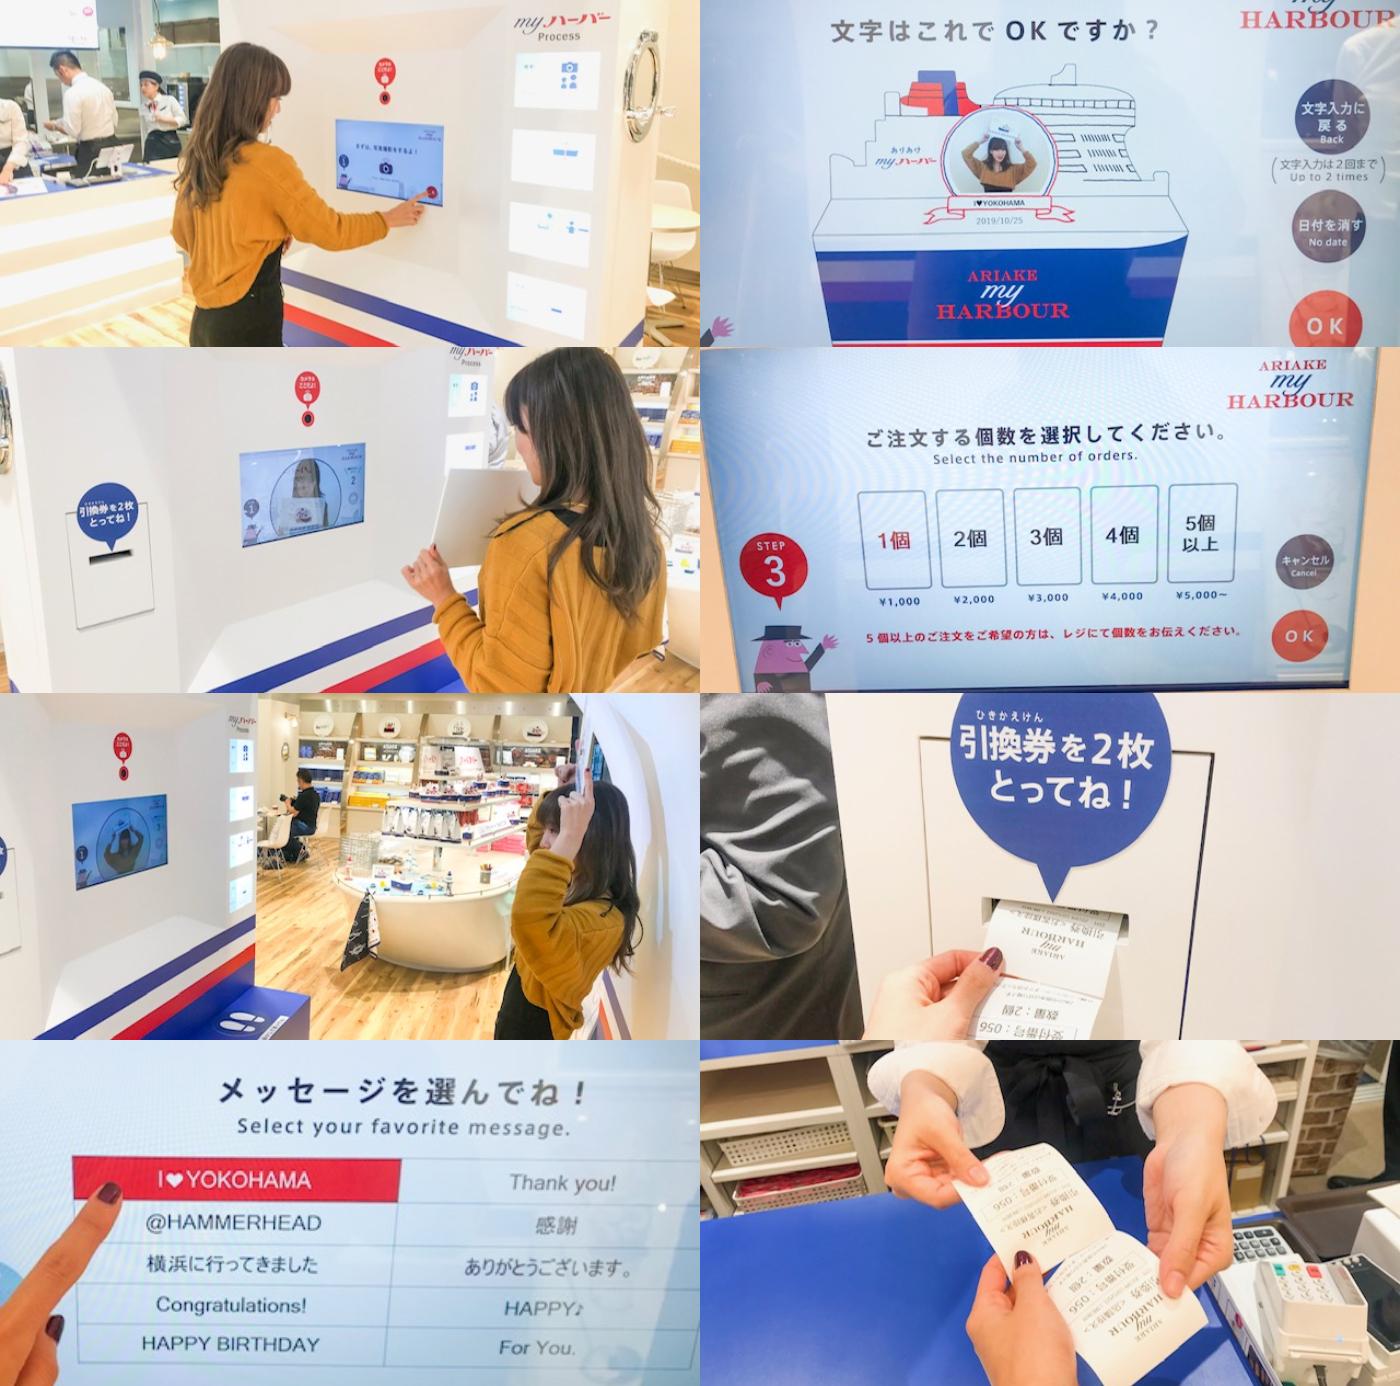 みなとみらい新スポット『横浜ハンマーヘッド』がオープン! おしゃれカフェ、お土産におすすめなグルメショップ5選_6